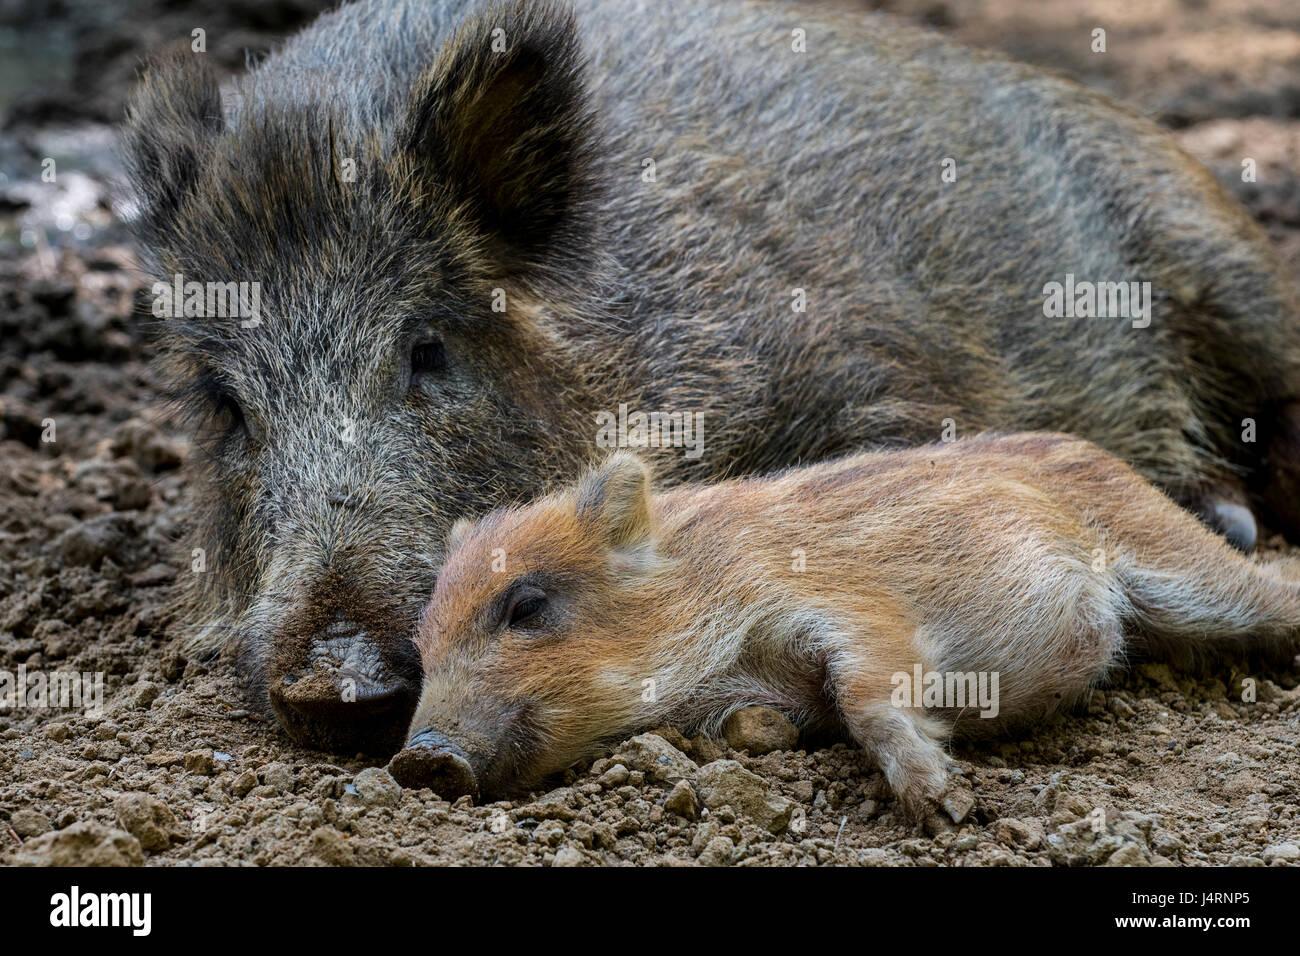 wild-boar-sus-scrofa-sleeping-side-by-si